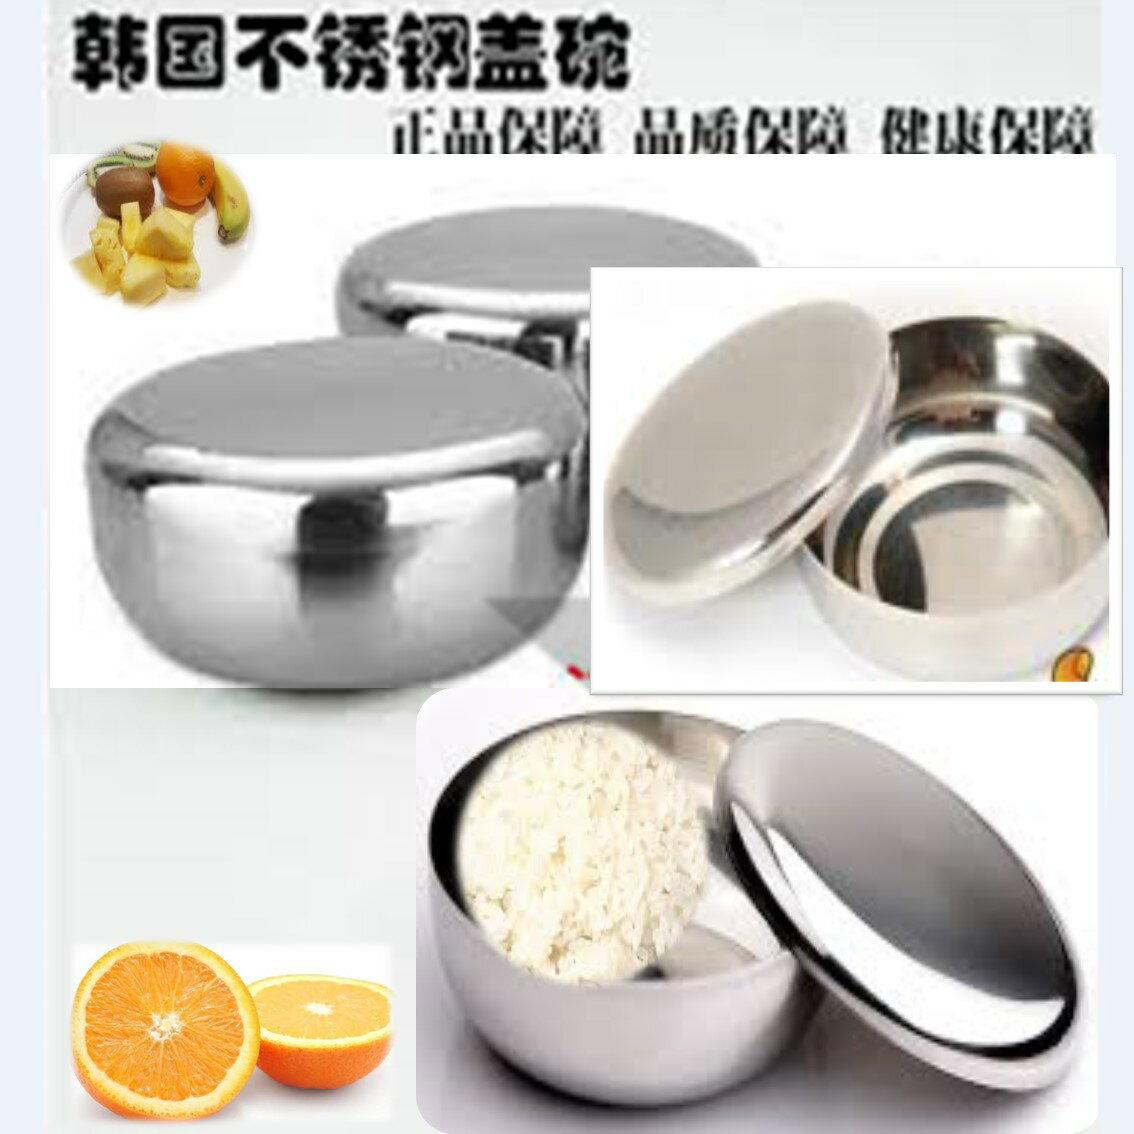 韓國傳統不鏽鋼10CM白飯湯碗~碗 蓋 ~樂活 館~